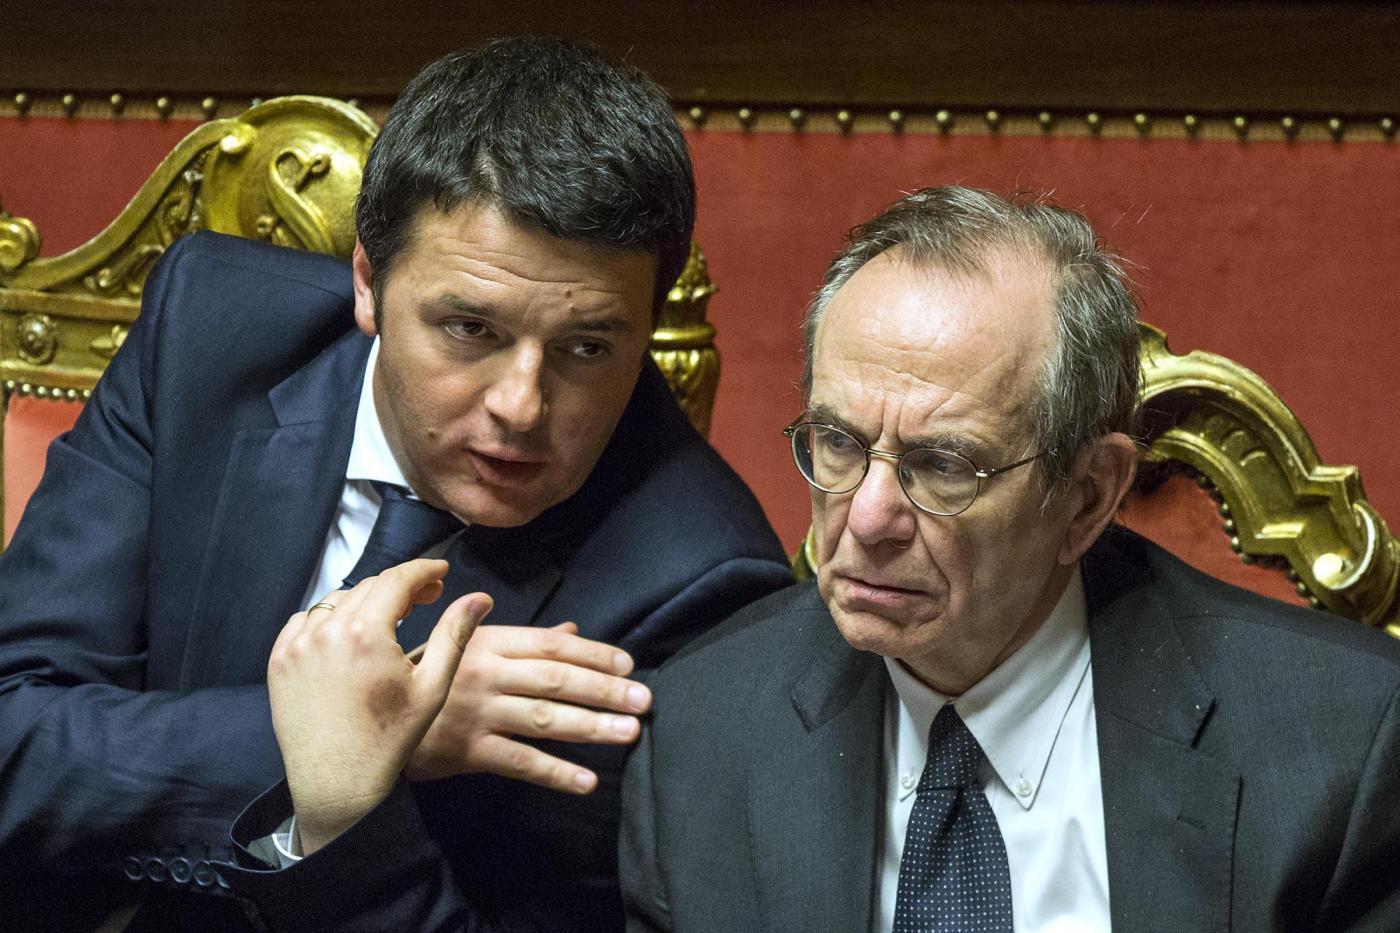 Piano Renzi, via libera della Commissione europea. Tagli solo per le pensioni d'oro